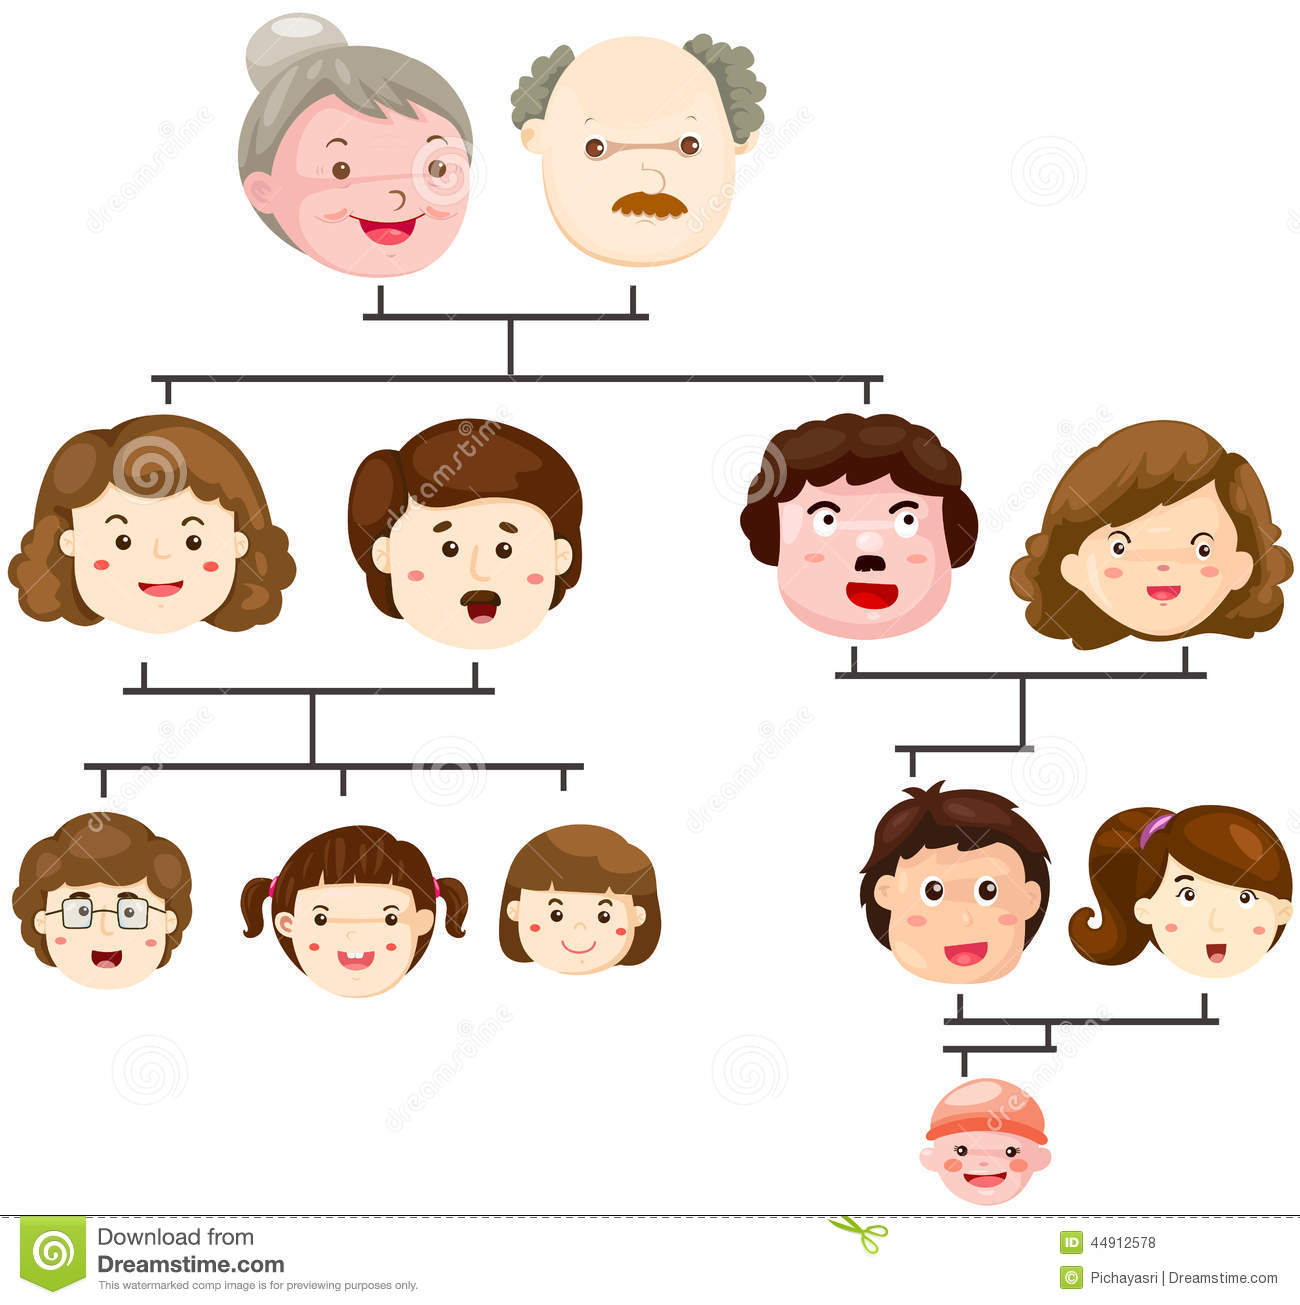 Animated family tree - photo#21